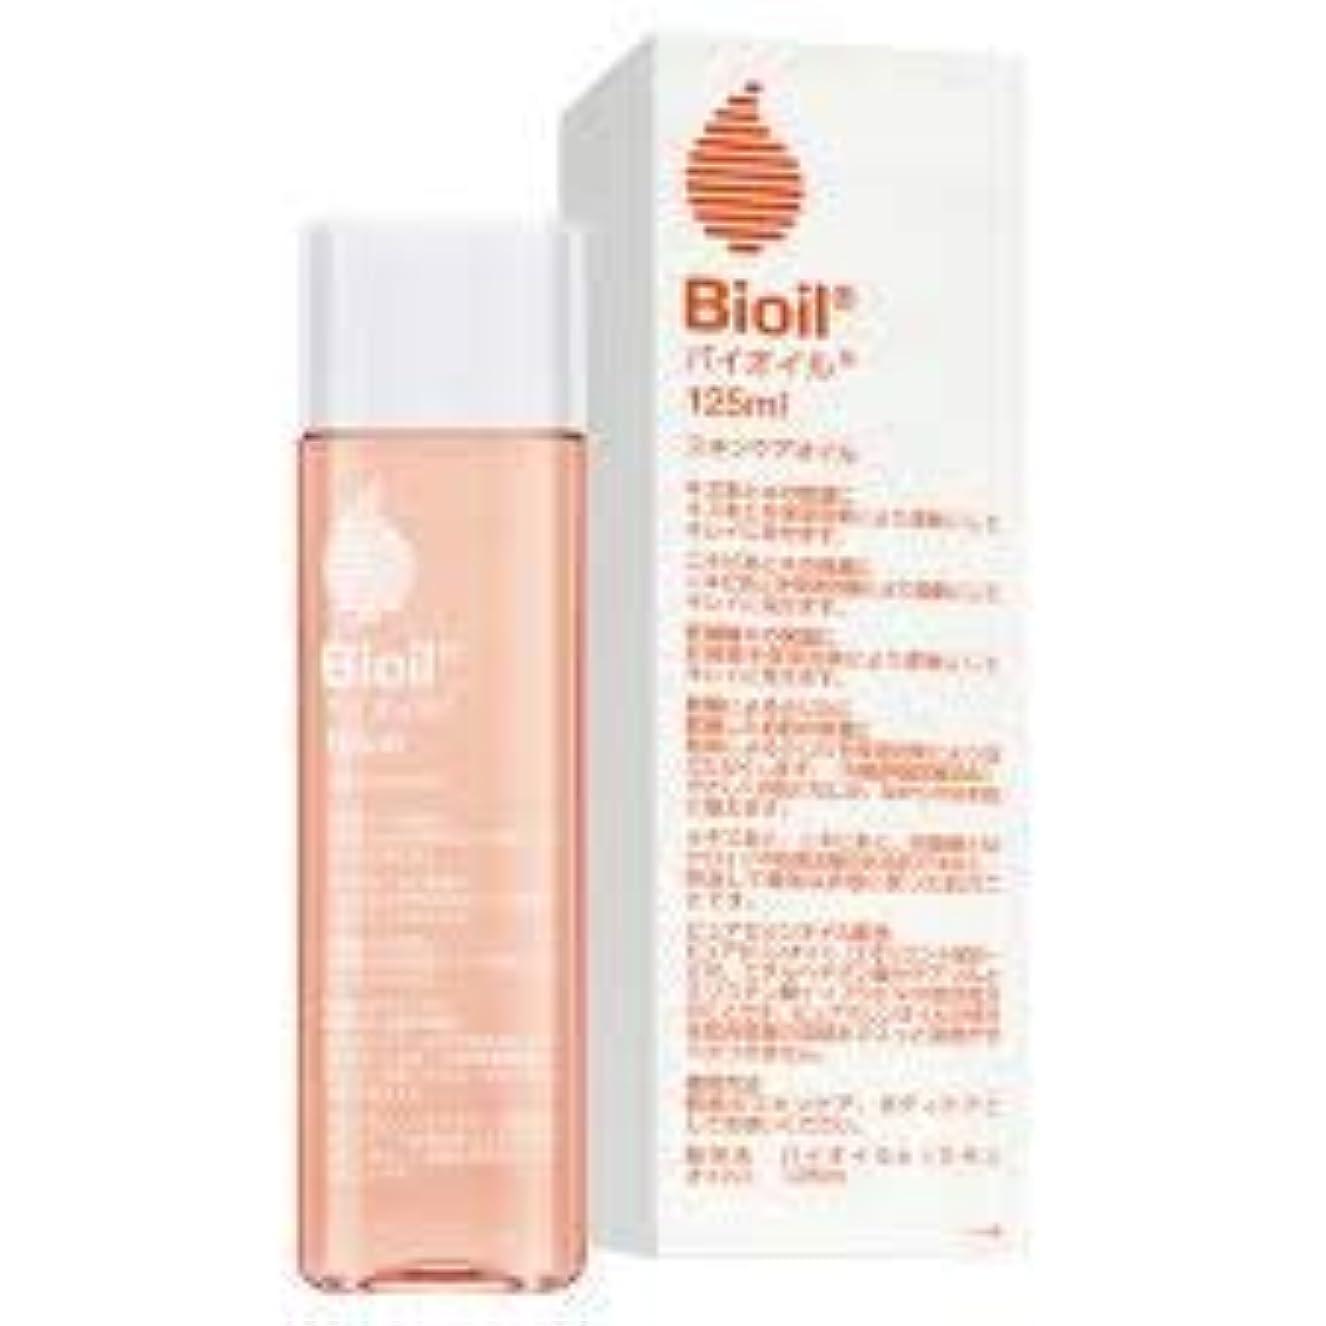 平和タンパク質クローゼットバイオイル Bioil 125ml (小林製薬)